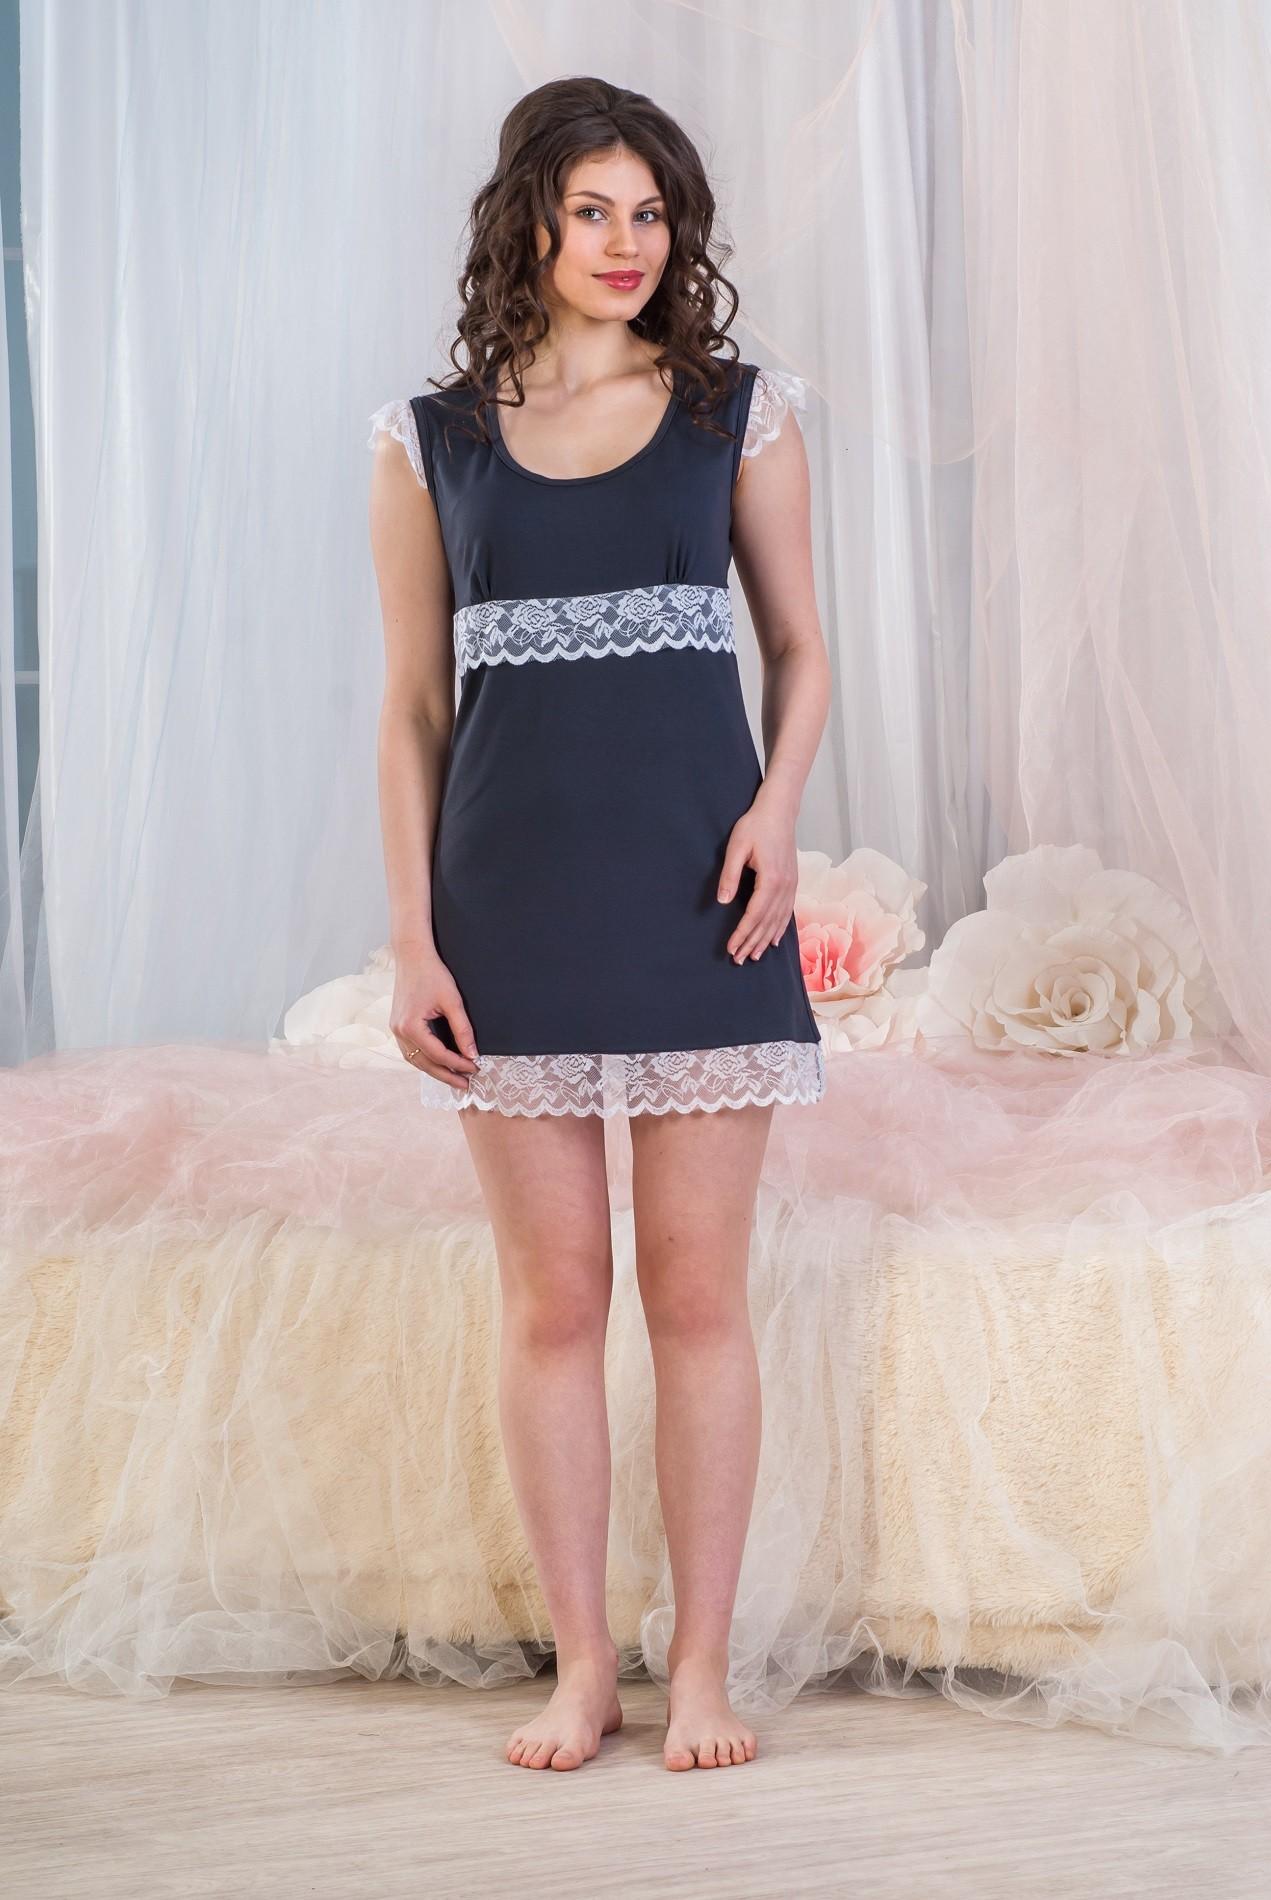 Сорочка женская Сильвия с кружевной отделкойДомашняя одежда<br><br><br>Размер: 46